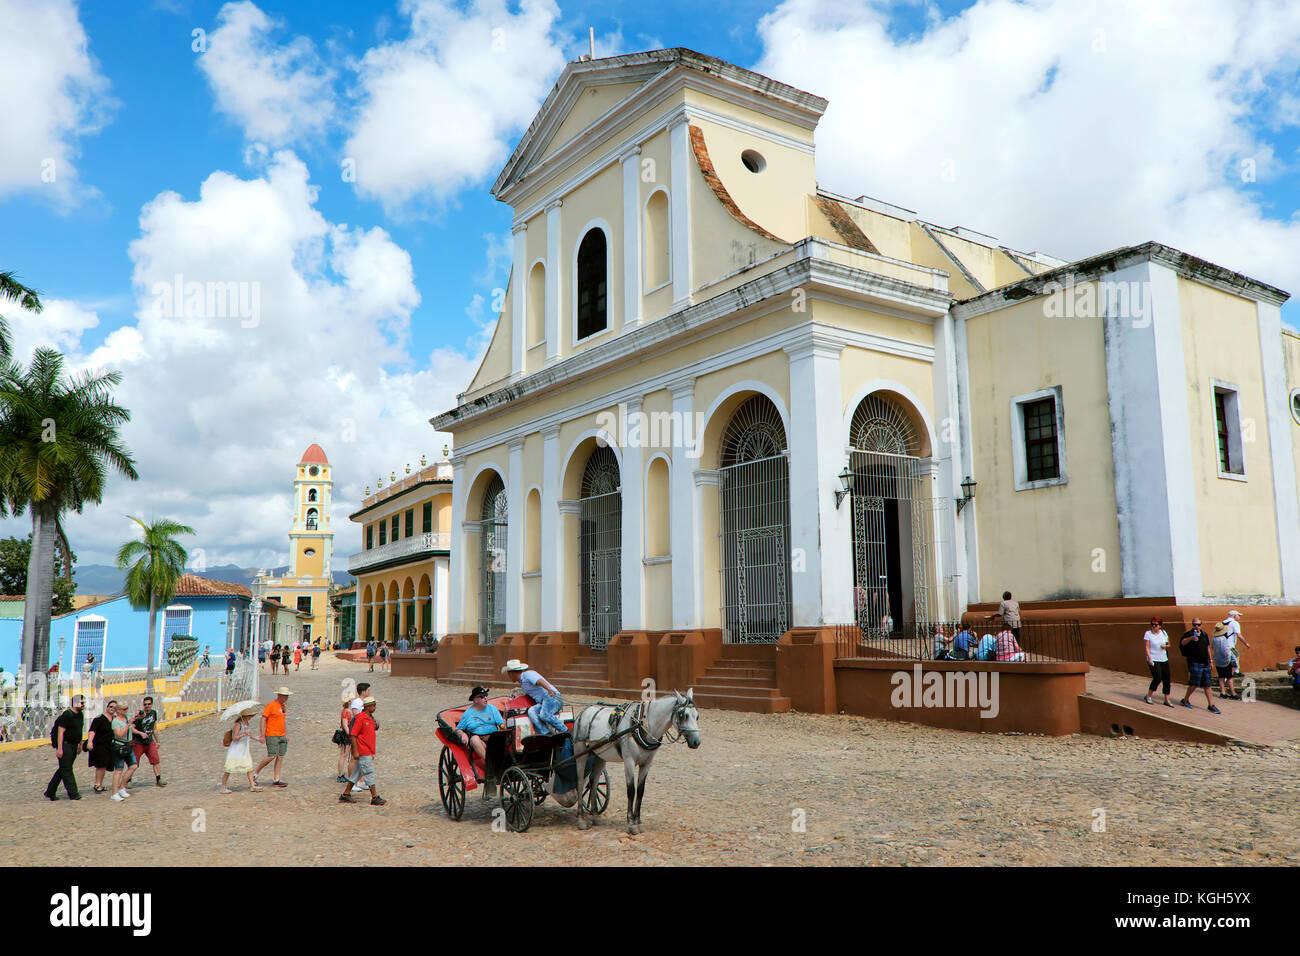 Iglesia Parroquial de la Santísima Church Trinidad, Plaza Mayor Square, Trinidad, Province of Sancti Spíritus, - Stock Image